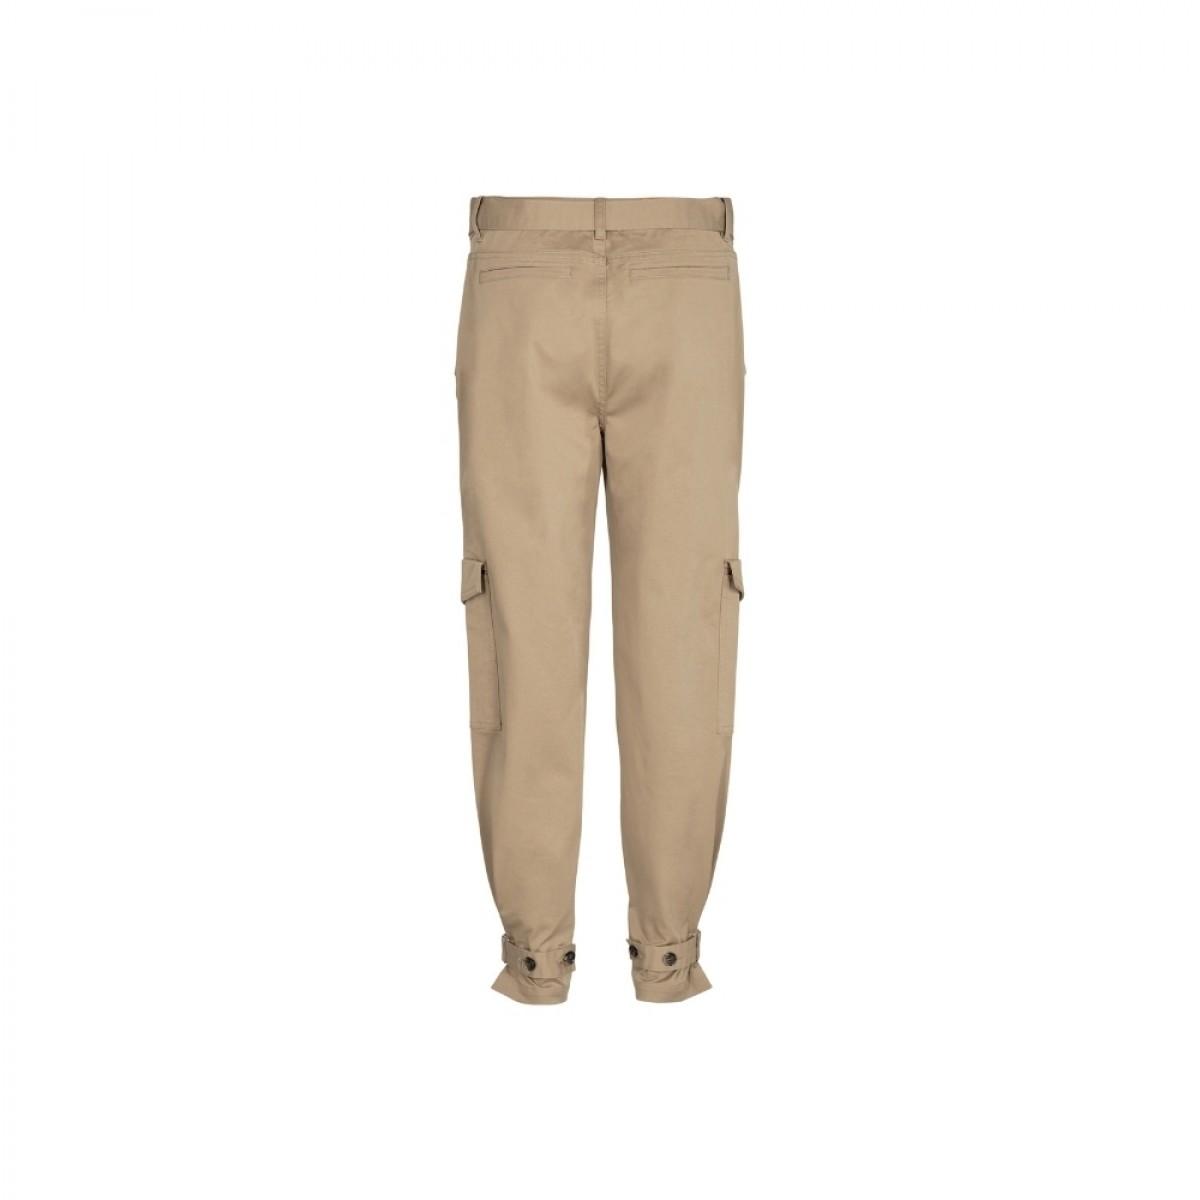 brown cargo pants - camel - bag